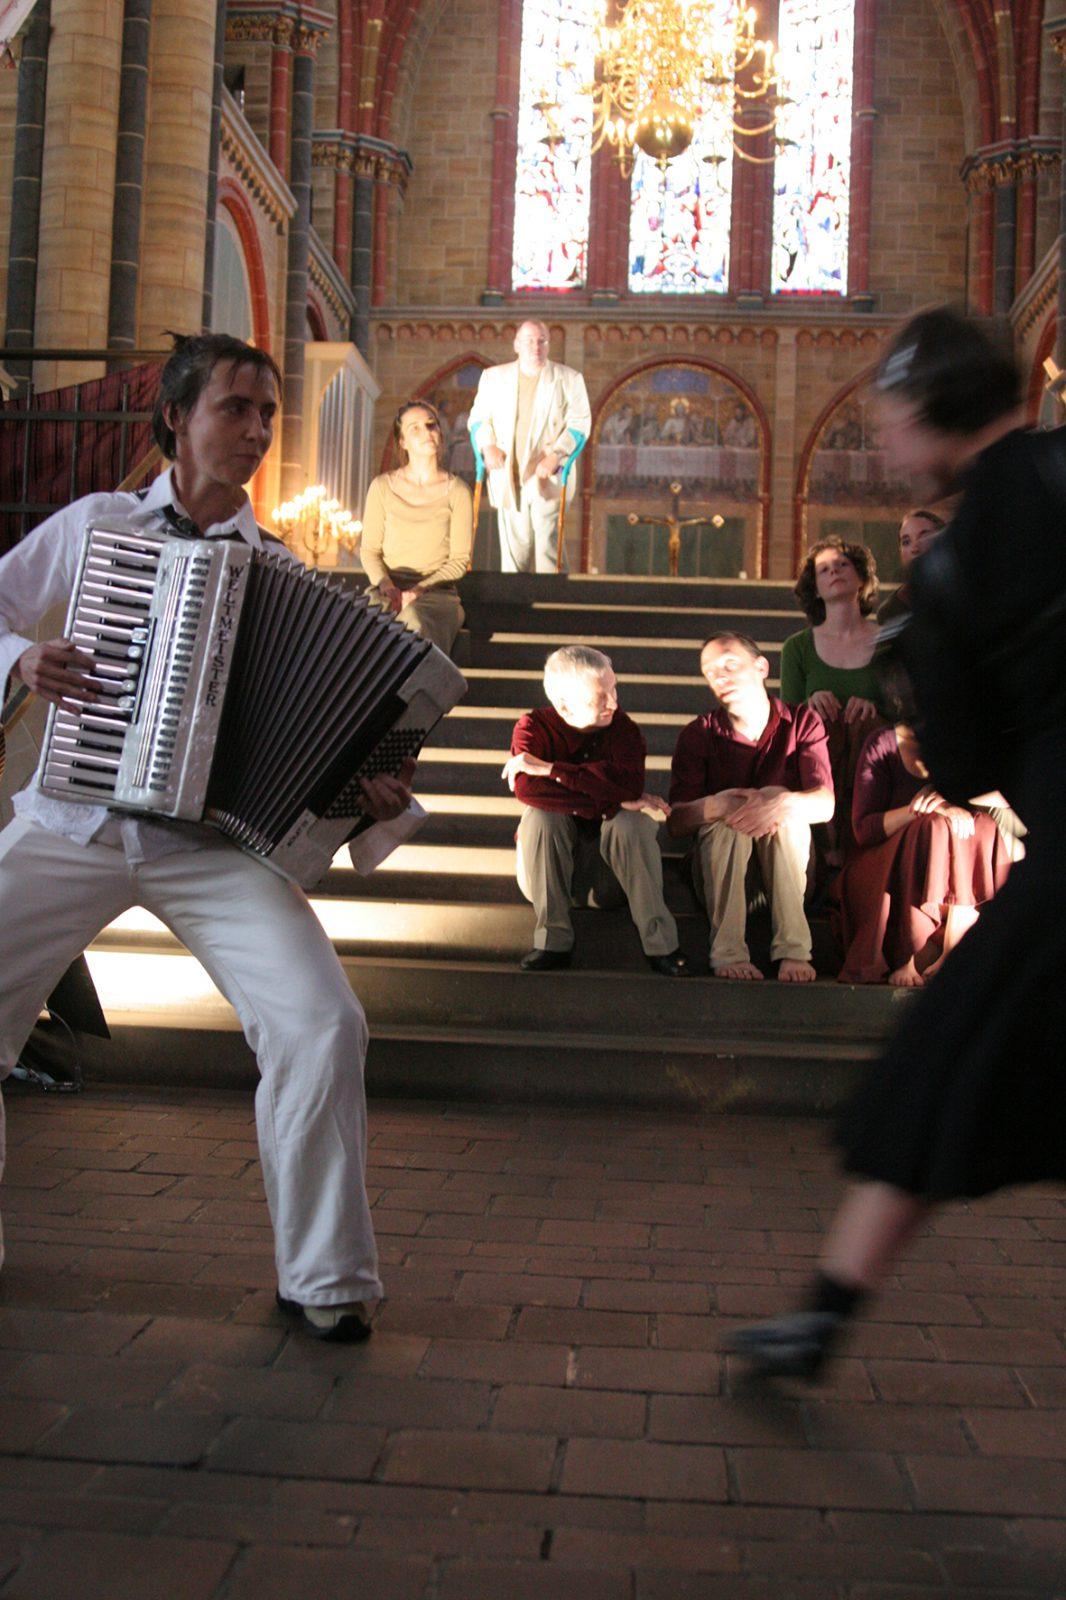 eine Frau mit Ziehharmonika und andere Tänzer